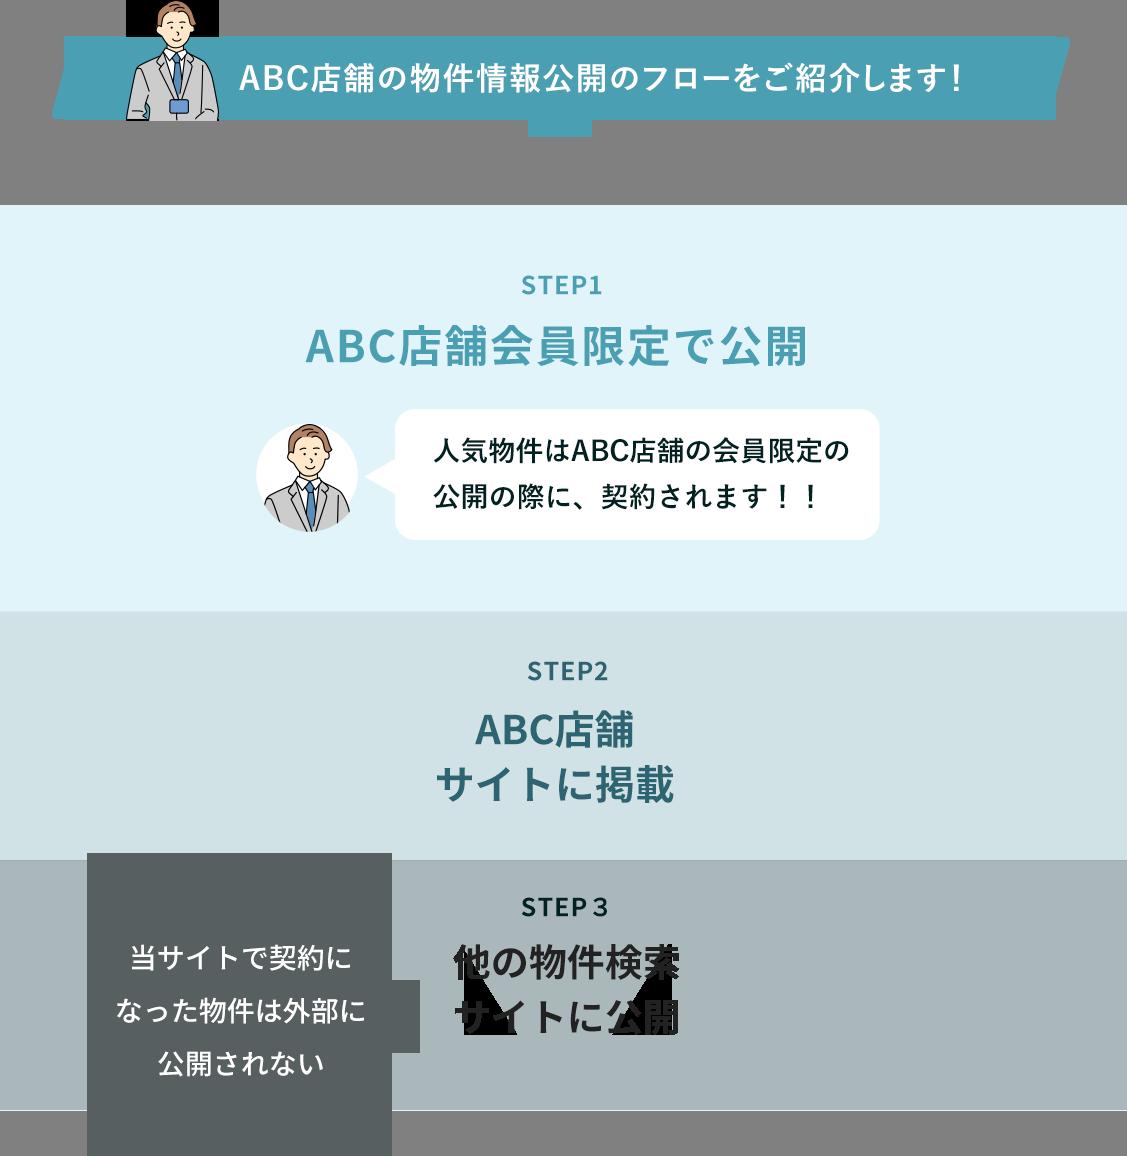 ABC店舗の物件情報公開フローをご紹介します!